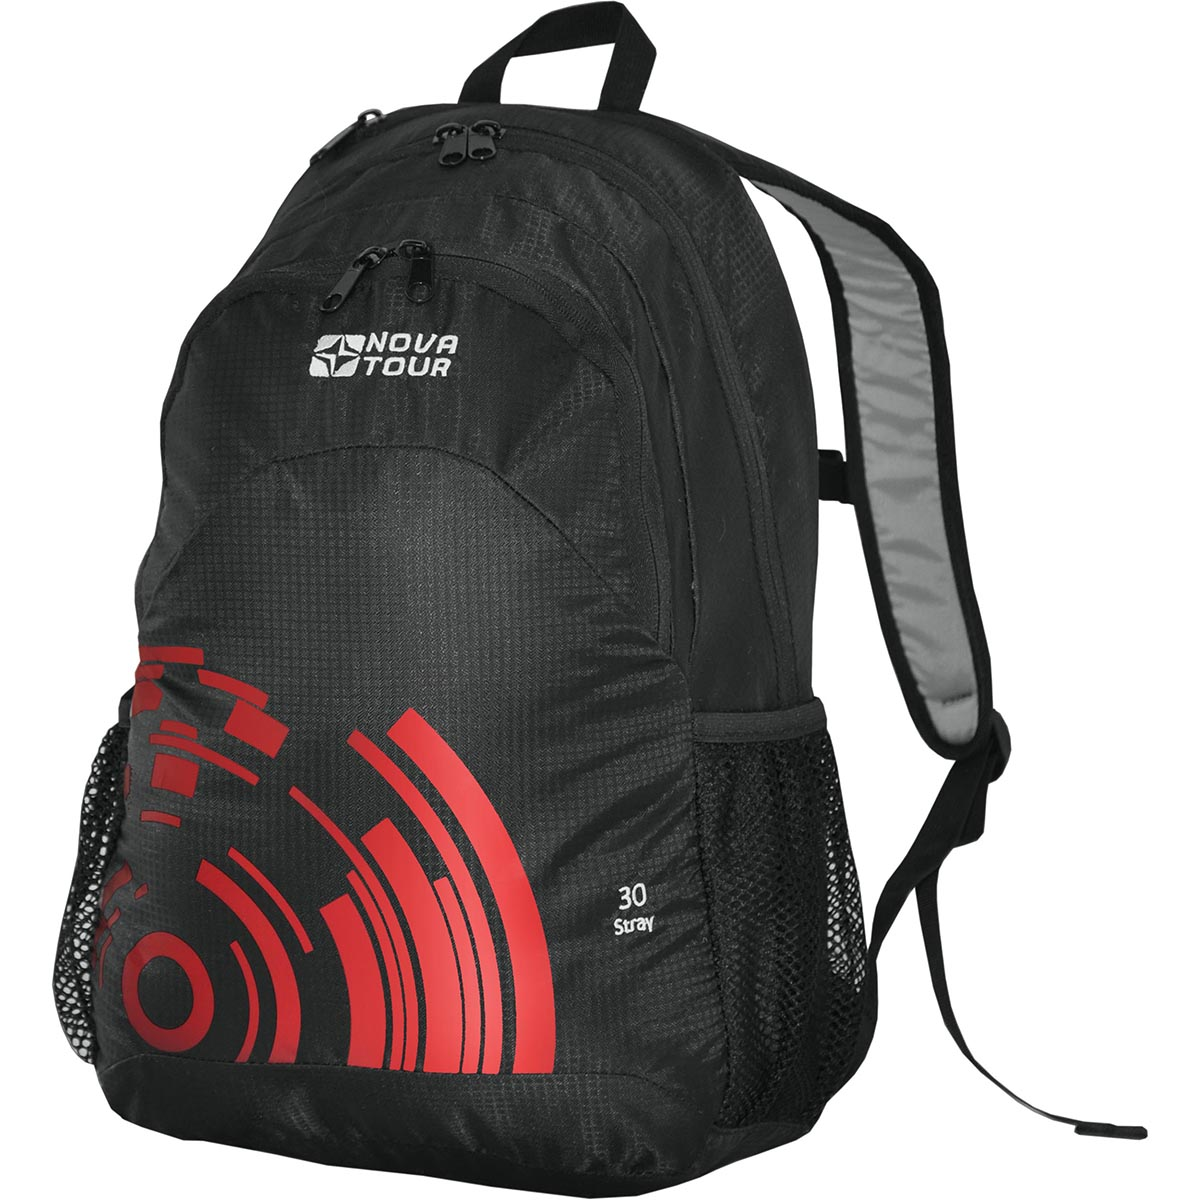 Рюкзак городской Nova Tour Стрэй 30, цвет: черный, красный, 24 л гермомешок внутренний nova tour лайтпак 5 л цвет красный